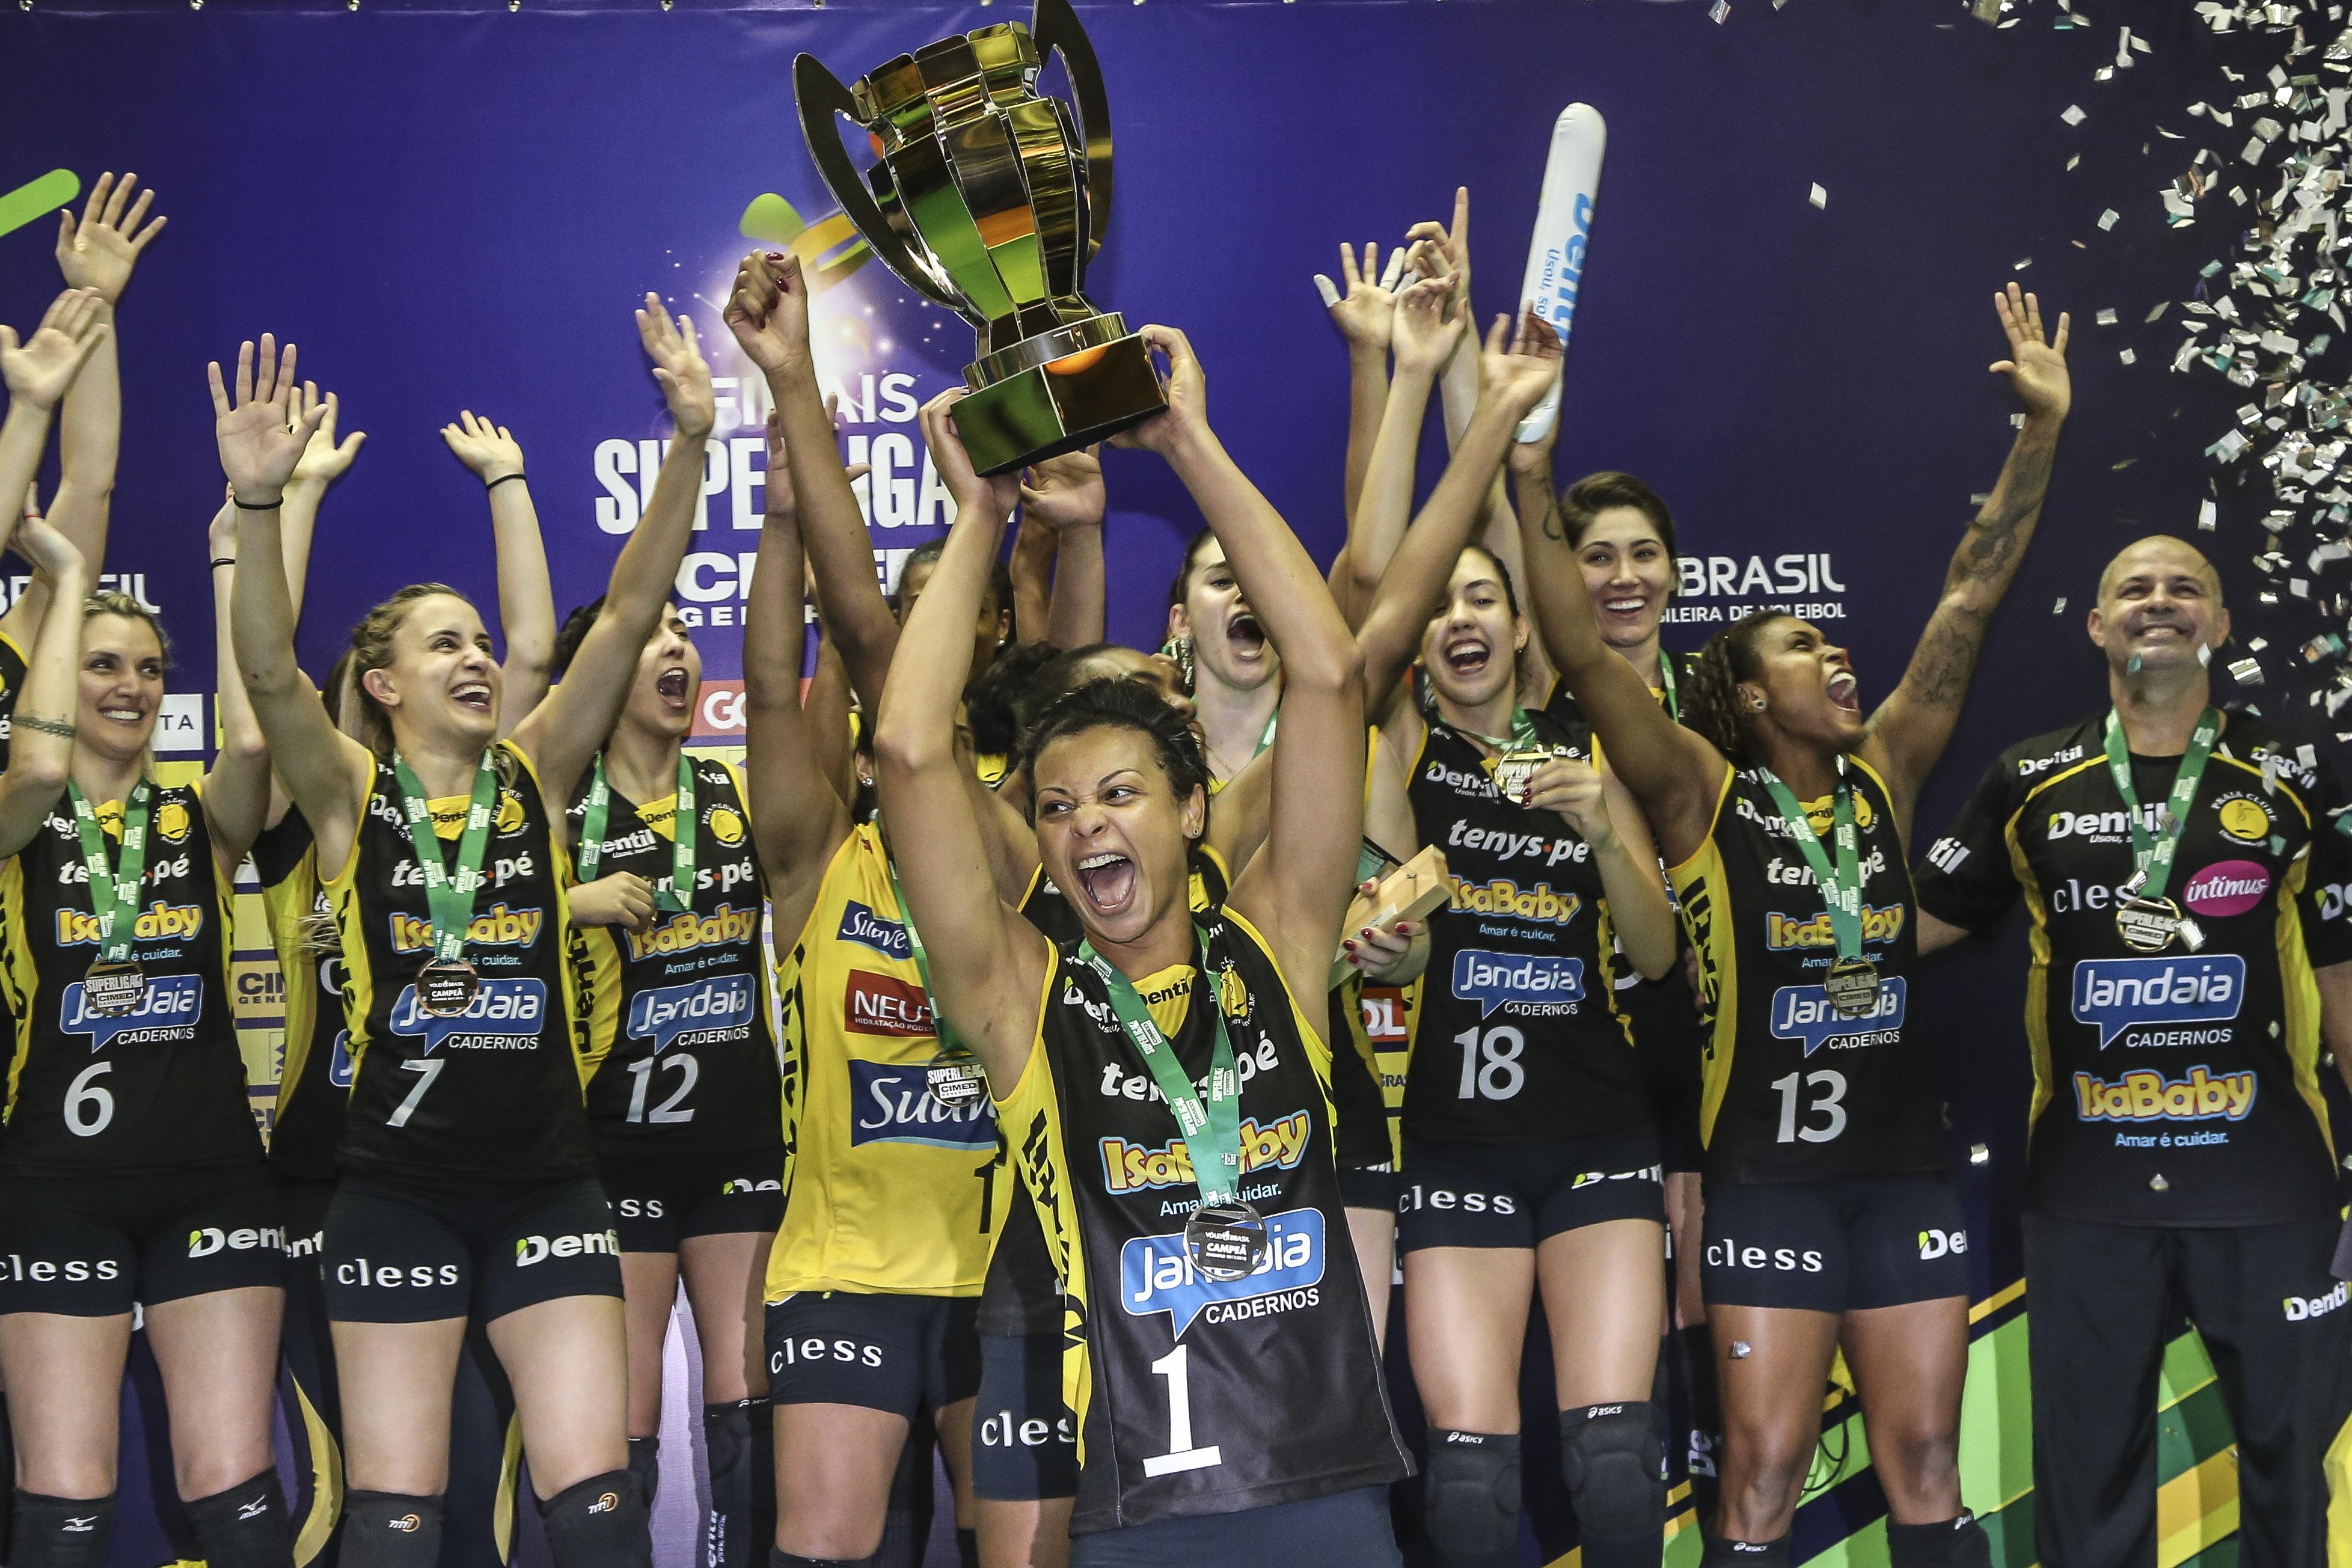 Dentil/Praia Clube vence Sesc RJ e é campeão